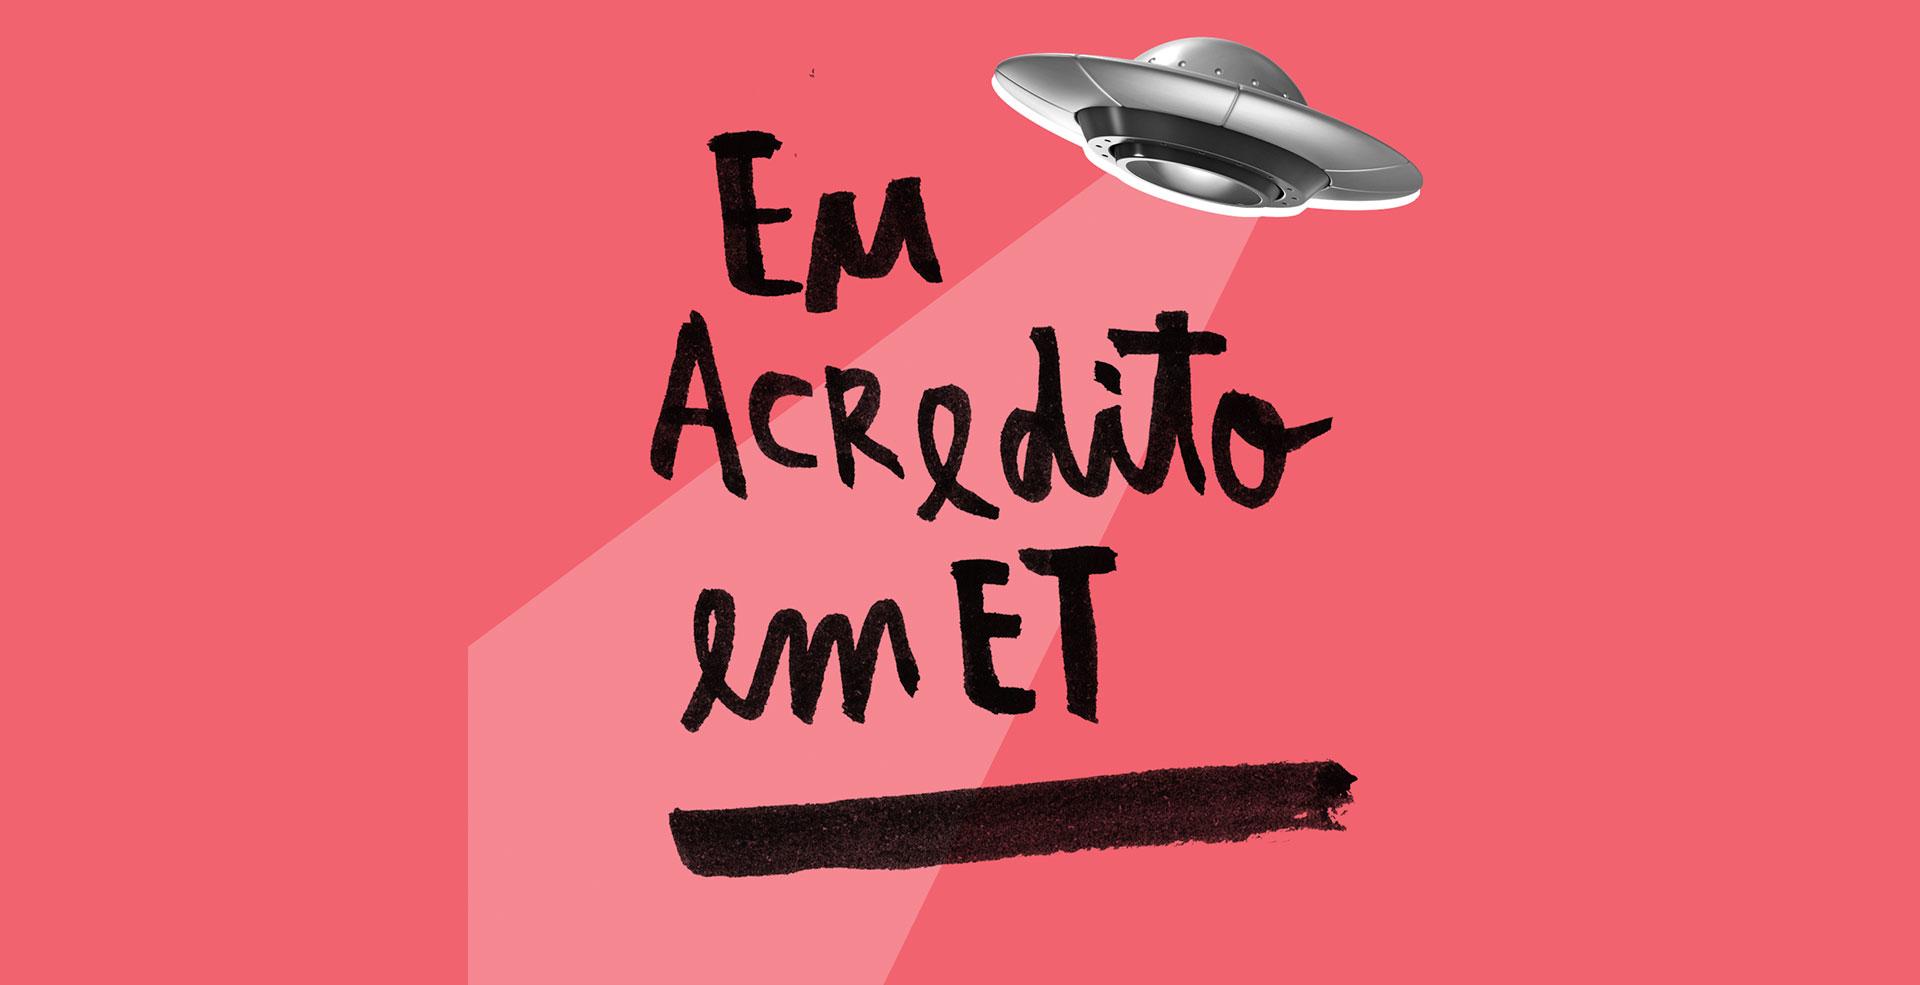 Eu acredito em ET